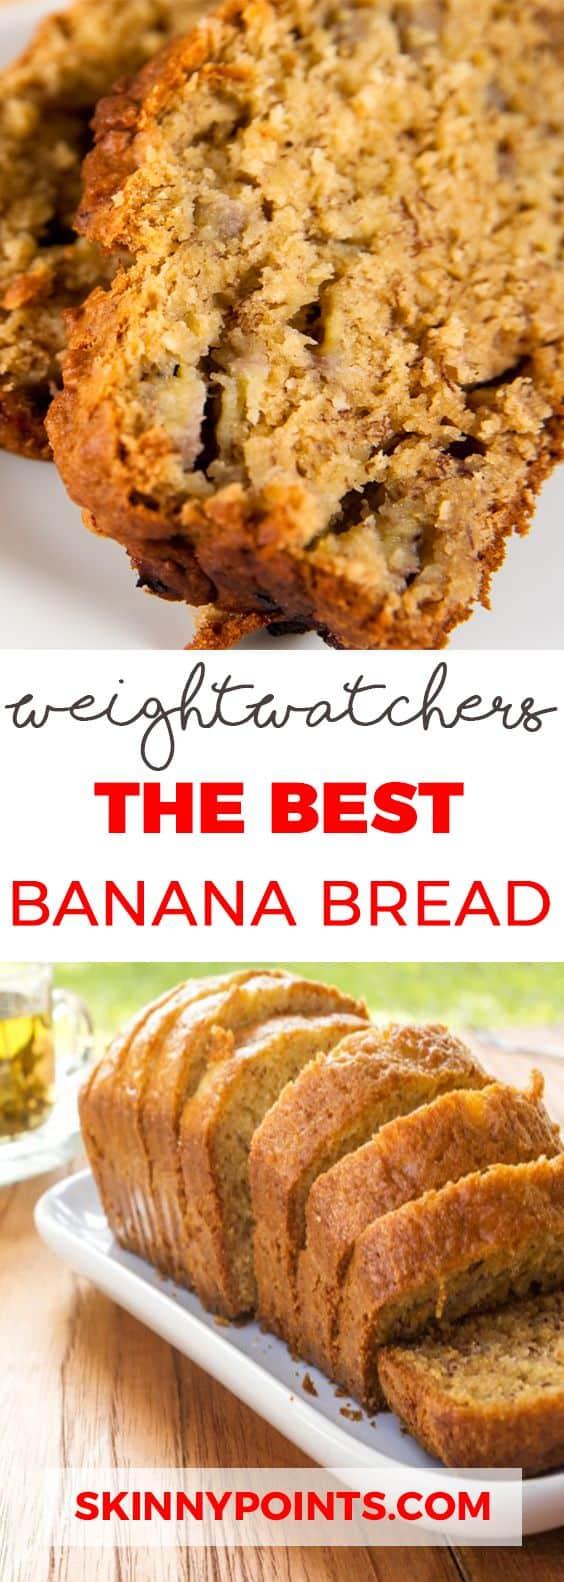 25 Best Weight Watchers Desserts Recipes With Smartpoints